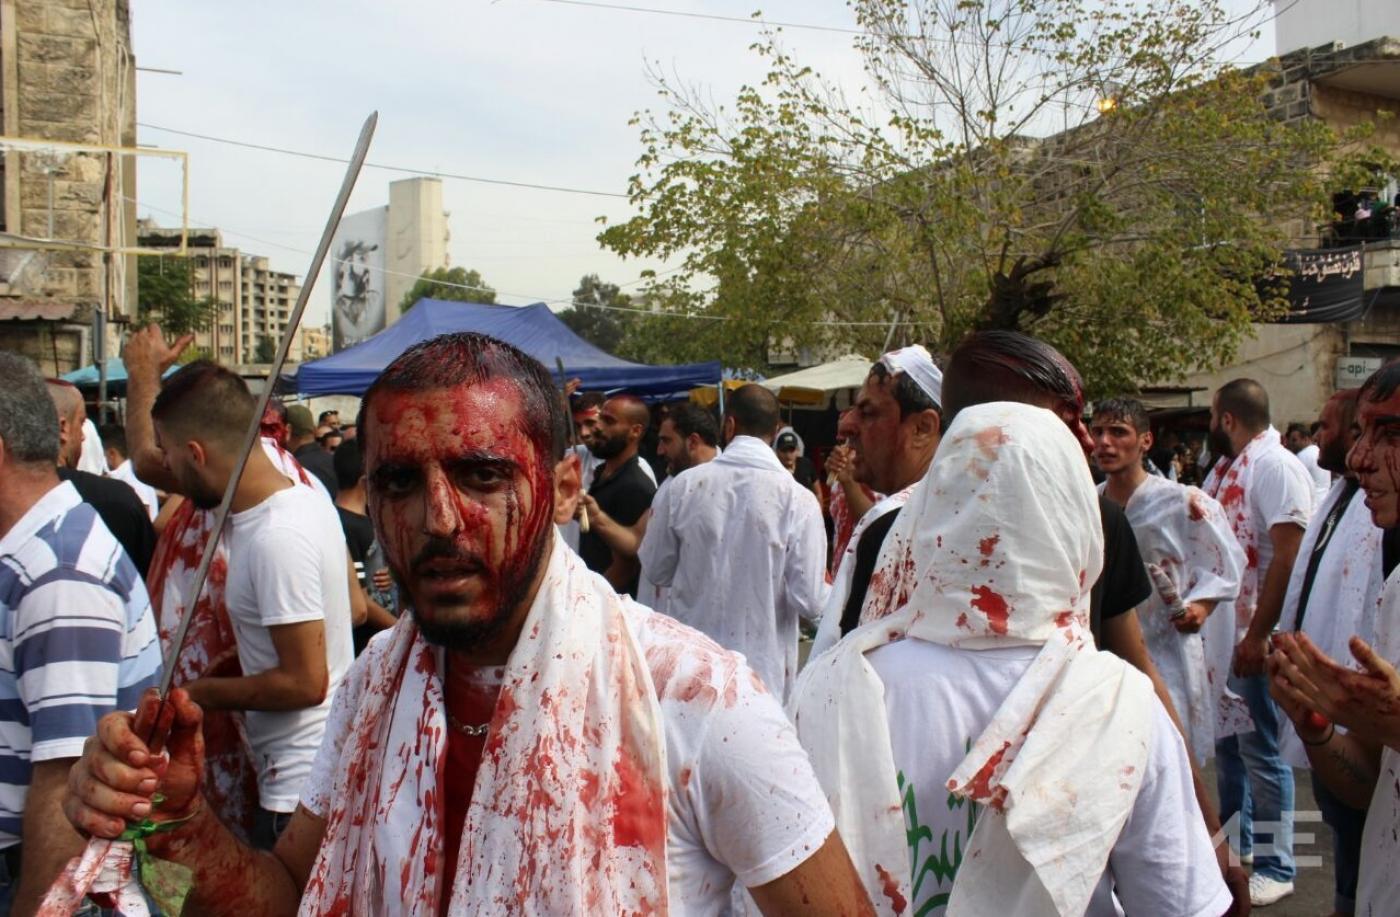 В Ираке во время религиозного ритуала погиб 31 человек, ранены еще 100